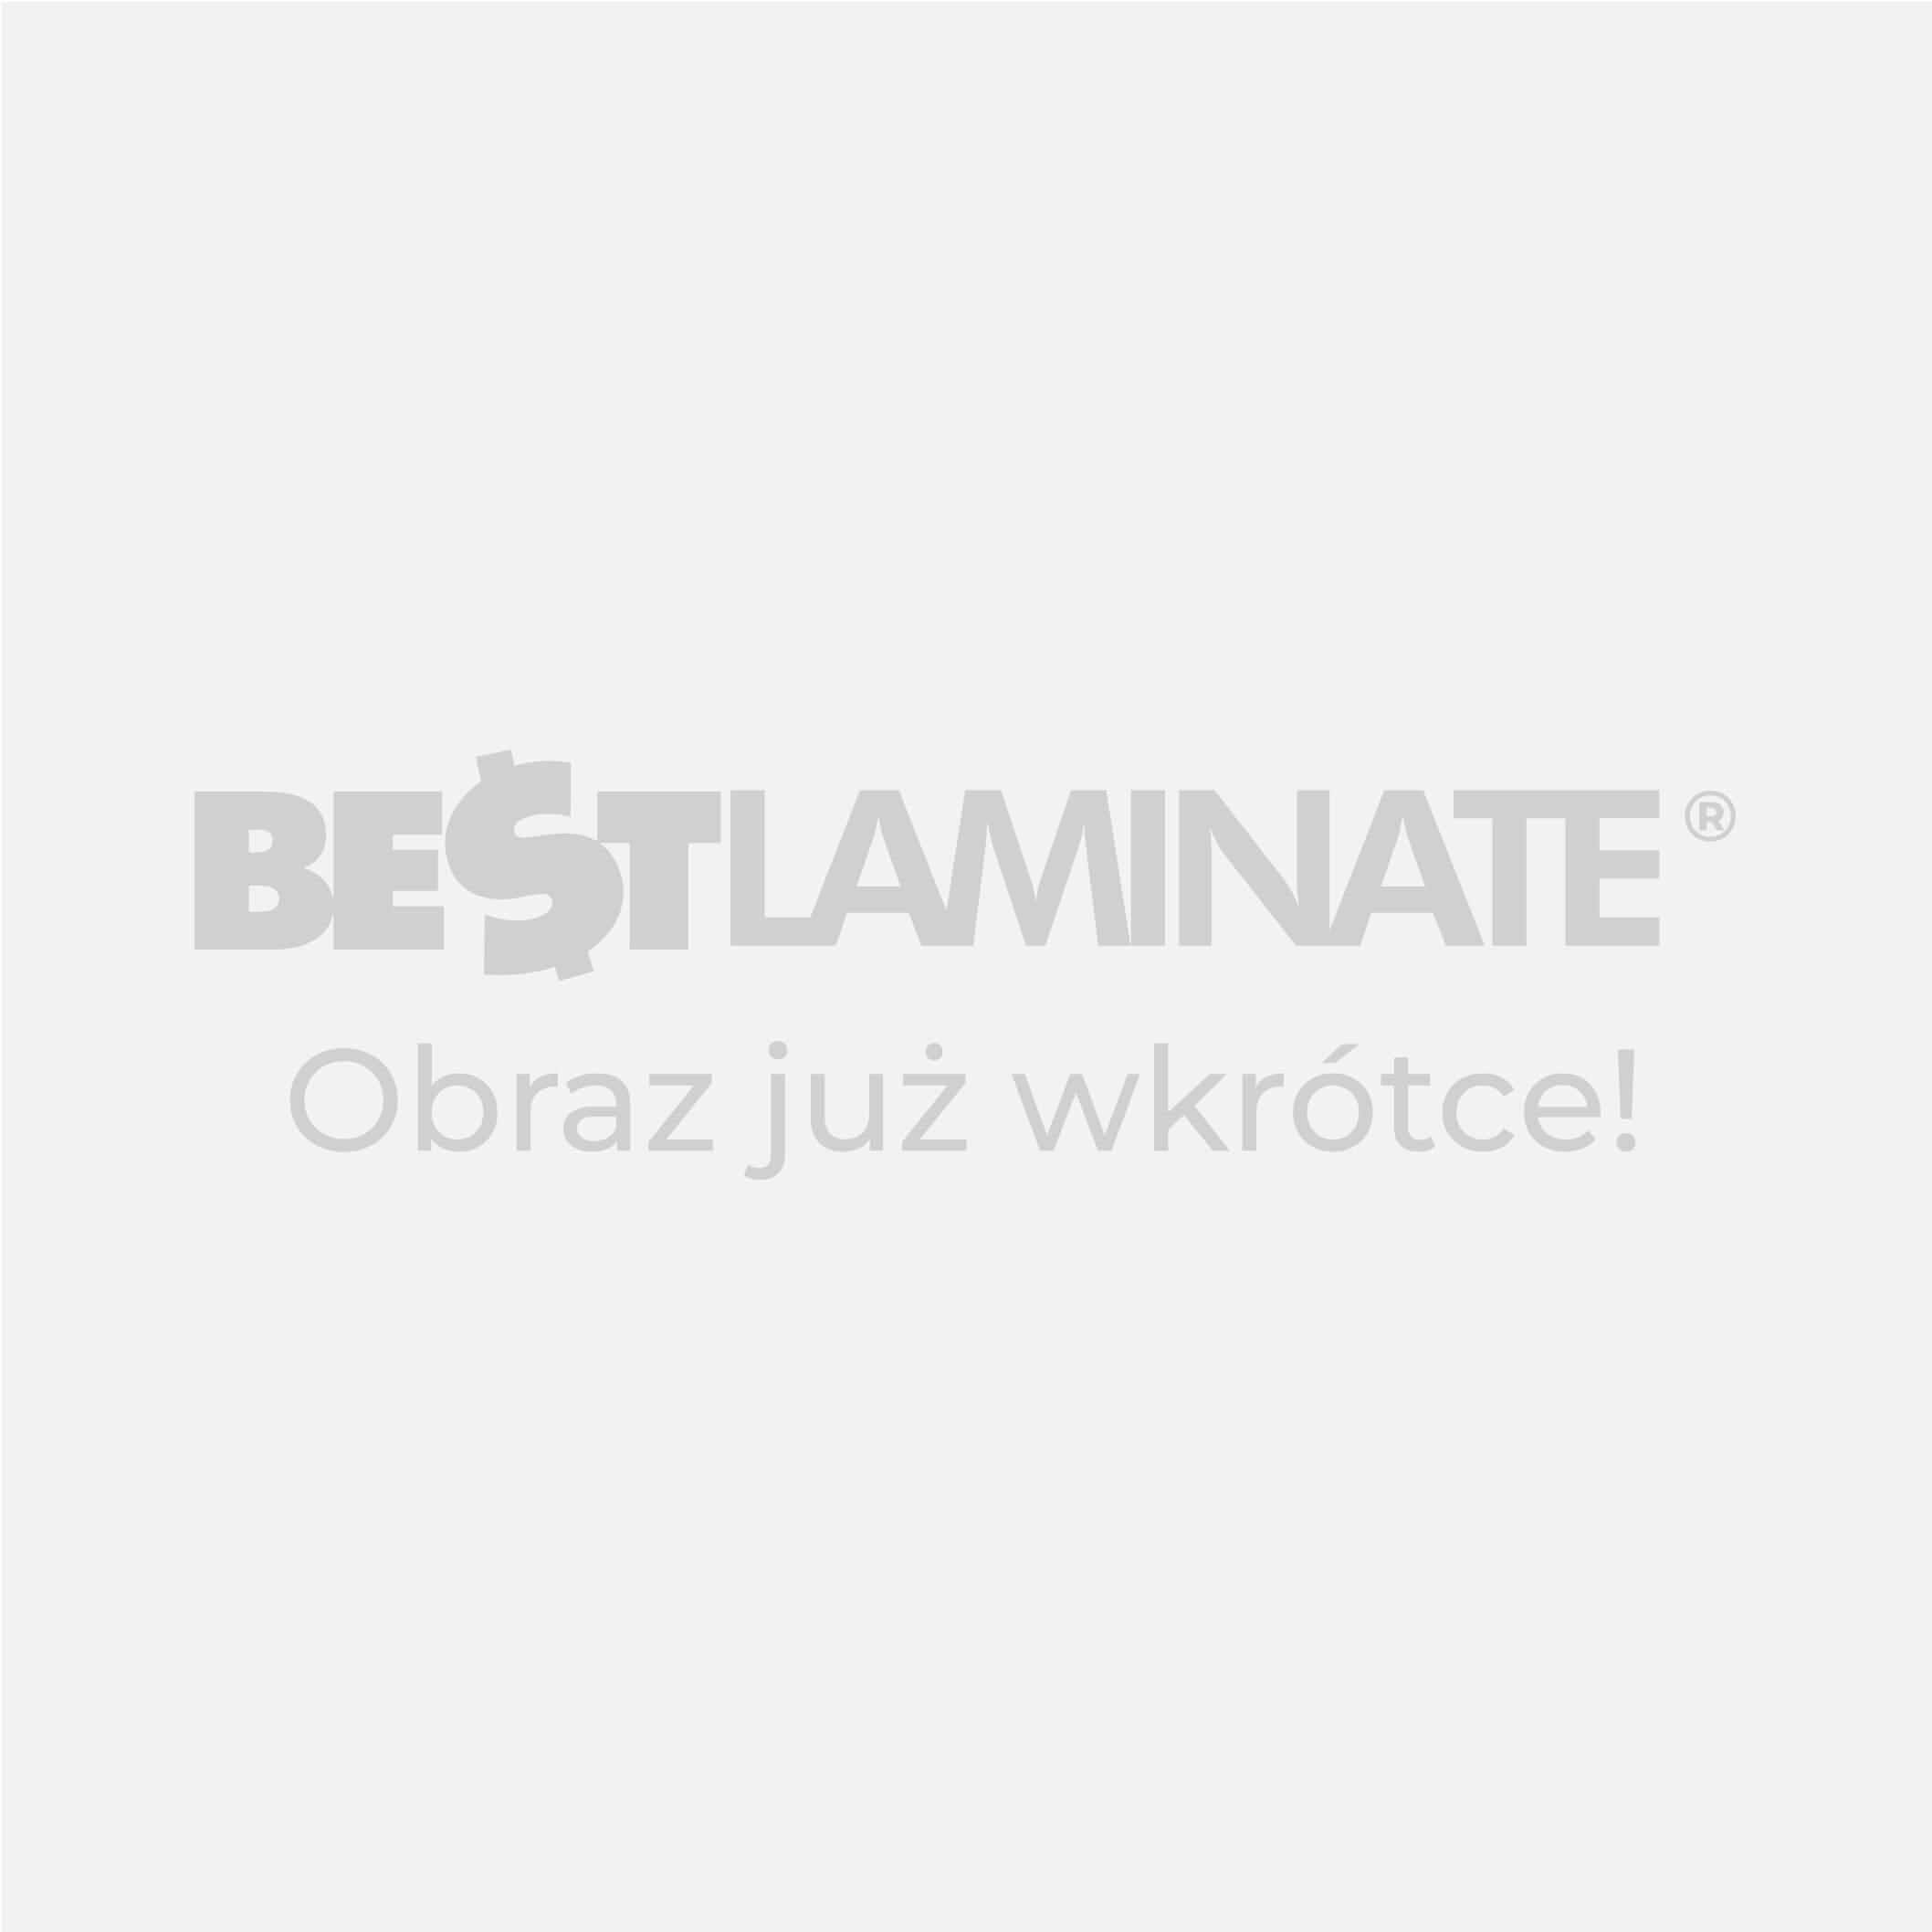 Ćwierćwałek listwa przypodłogowa przyścienna PCV - Bestlaminate Livanti - Jasny Beton